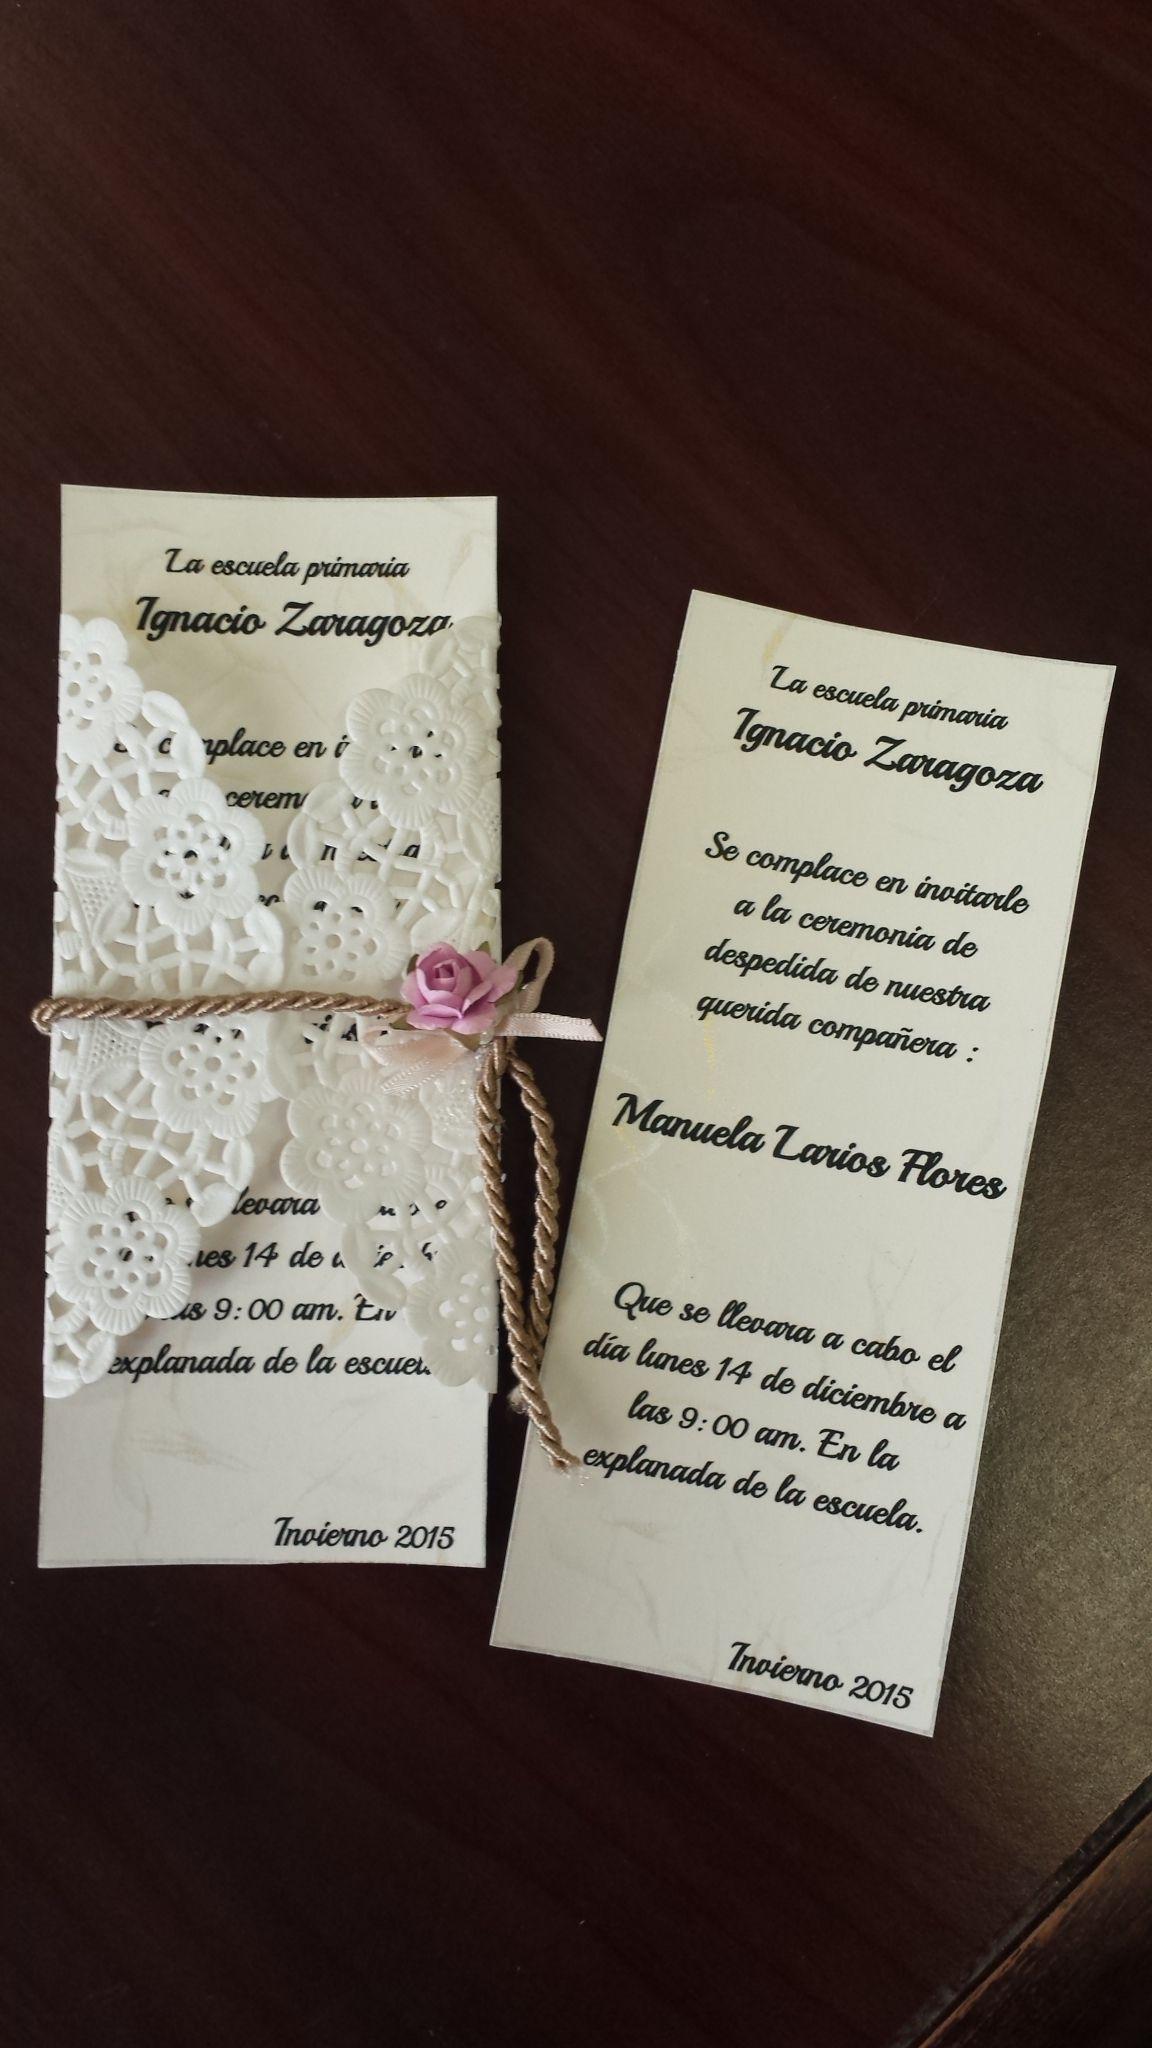 Invitación Para Ceremonia De Jubilación Docente Fiestas De